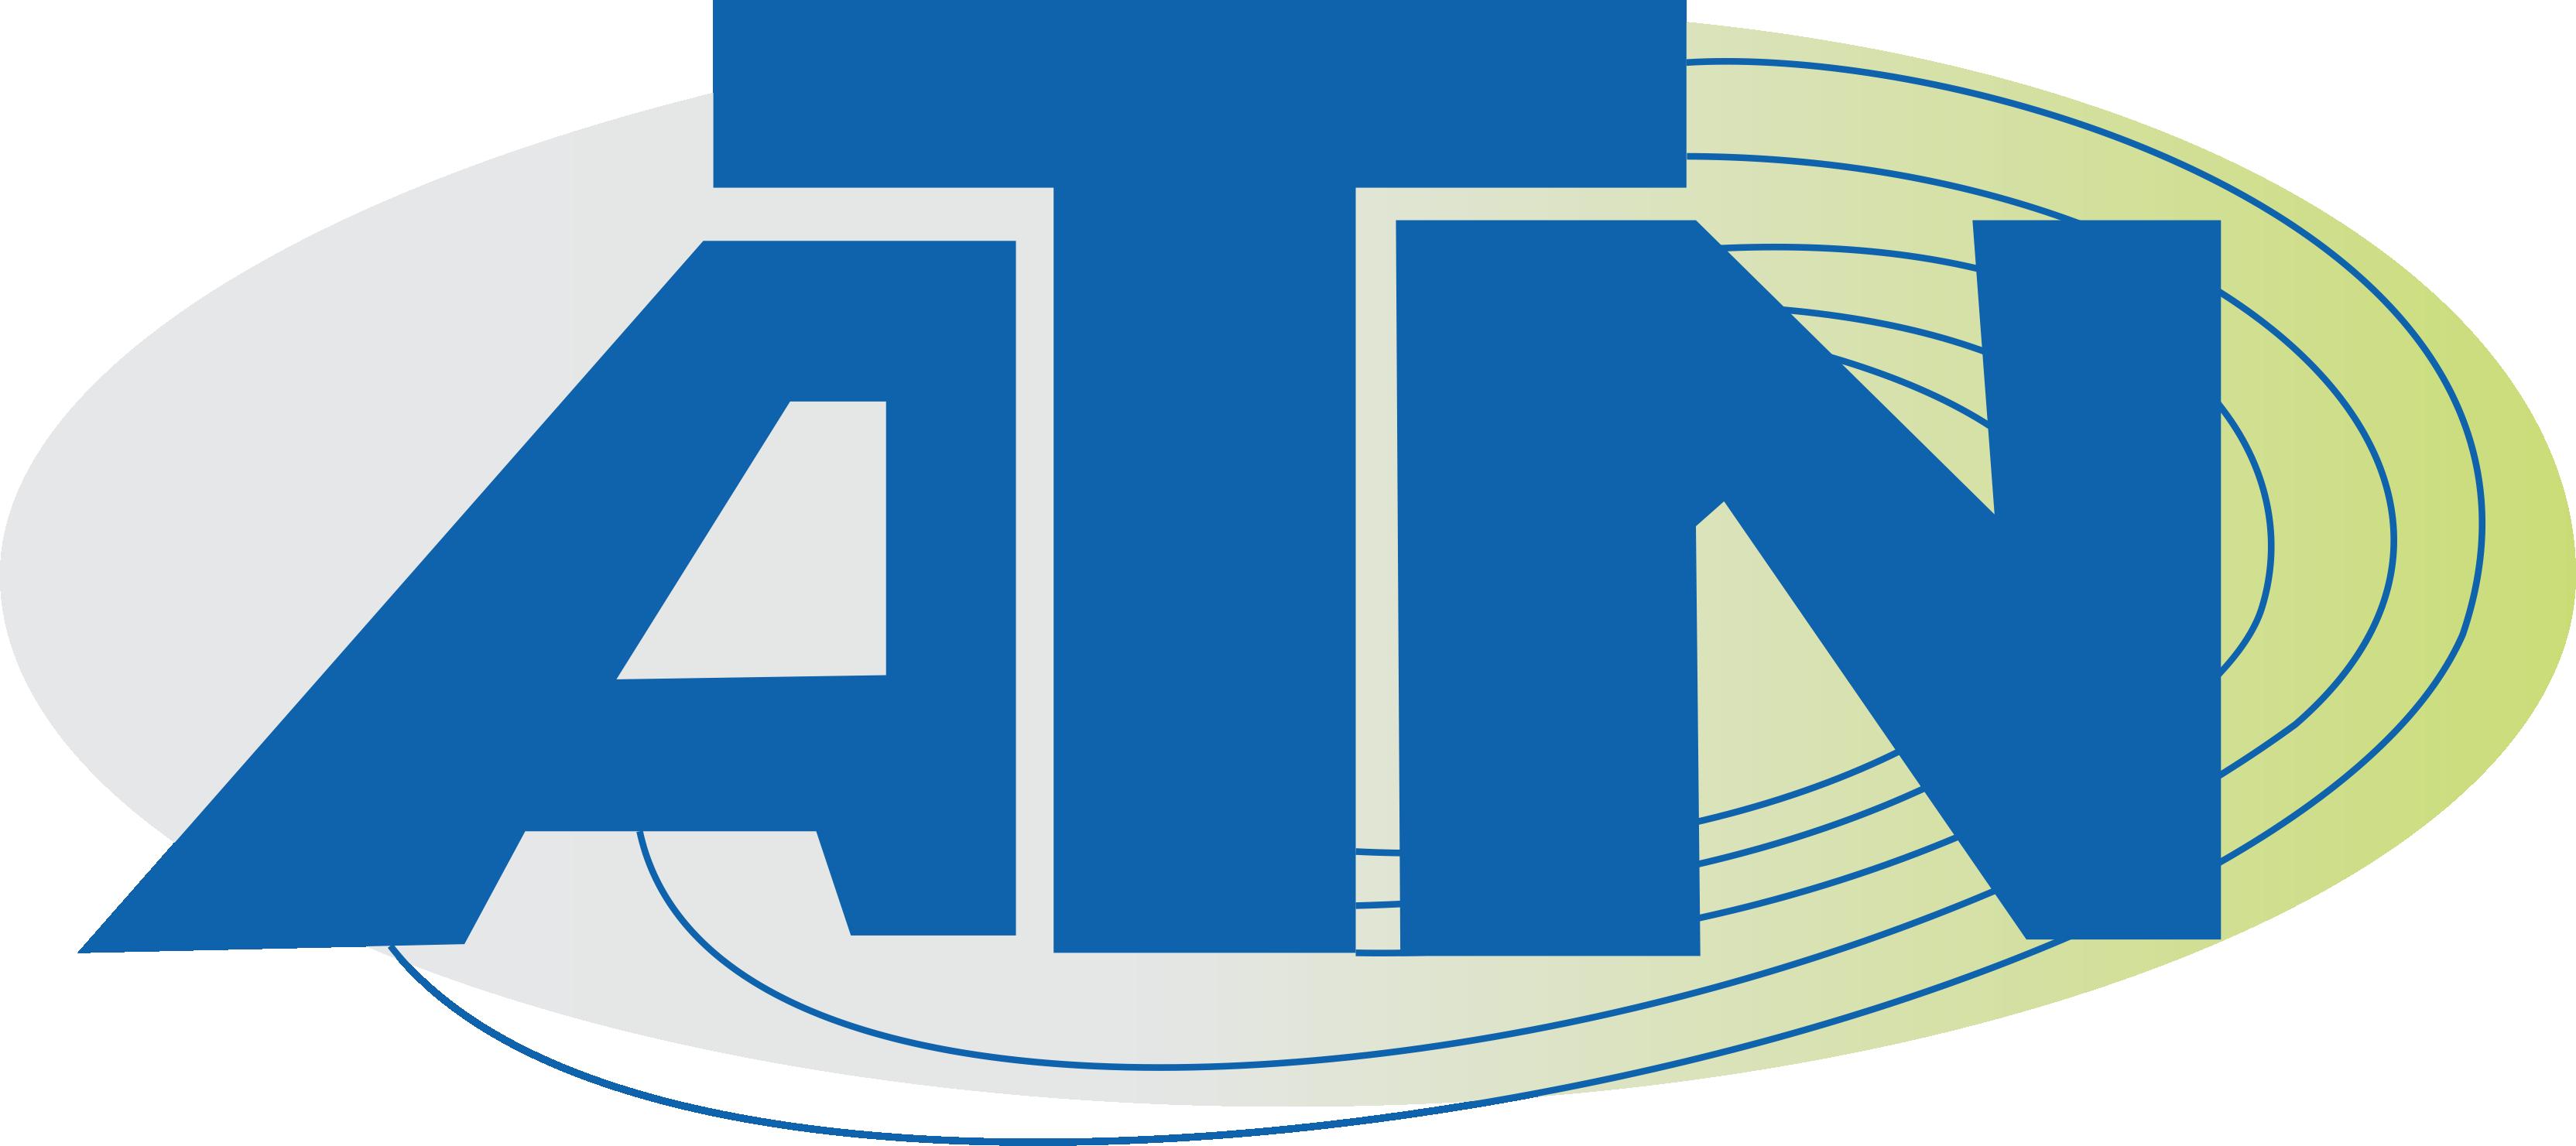 Associação Telecentro De Informação E Negócios - Atn